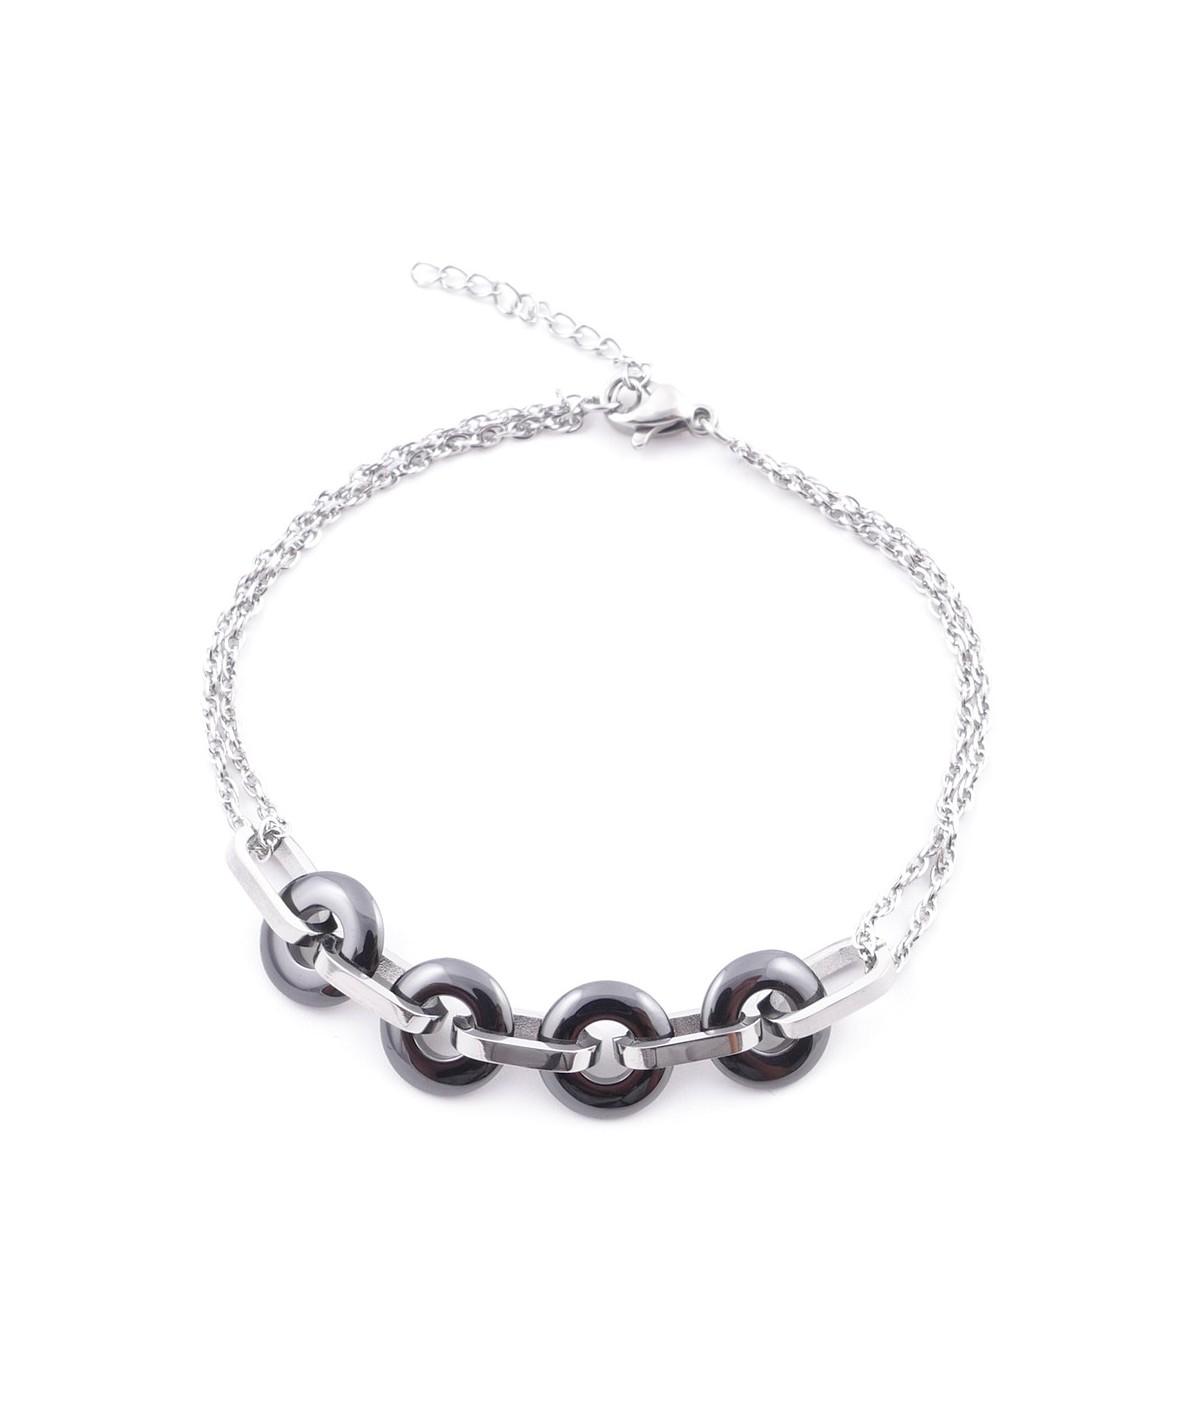 Elegantes Stahl- und Keramikarmband für Frauen